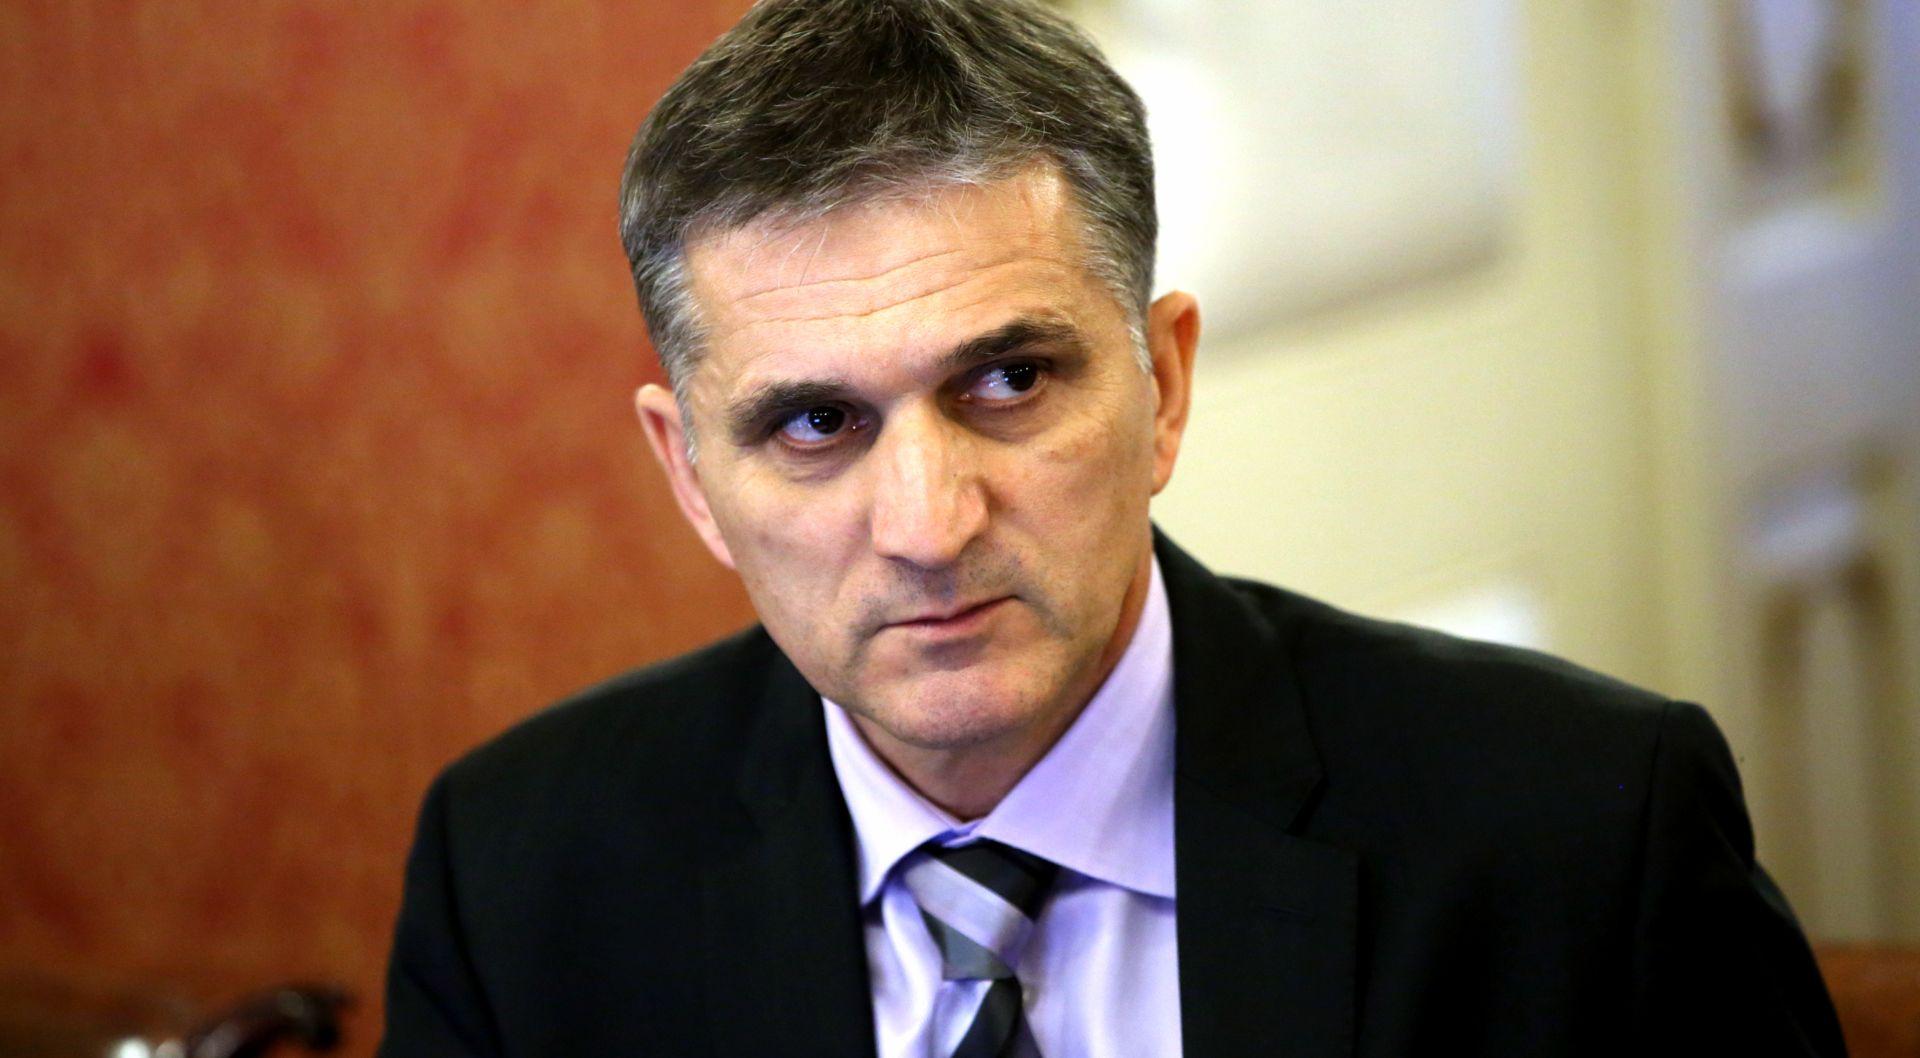 Ministarstvo državne imovine provjerava troškove državnih tvrtki i agencija